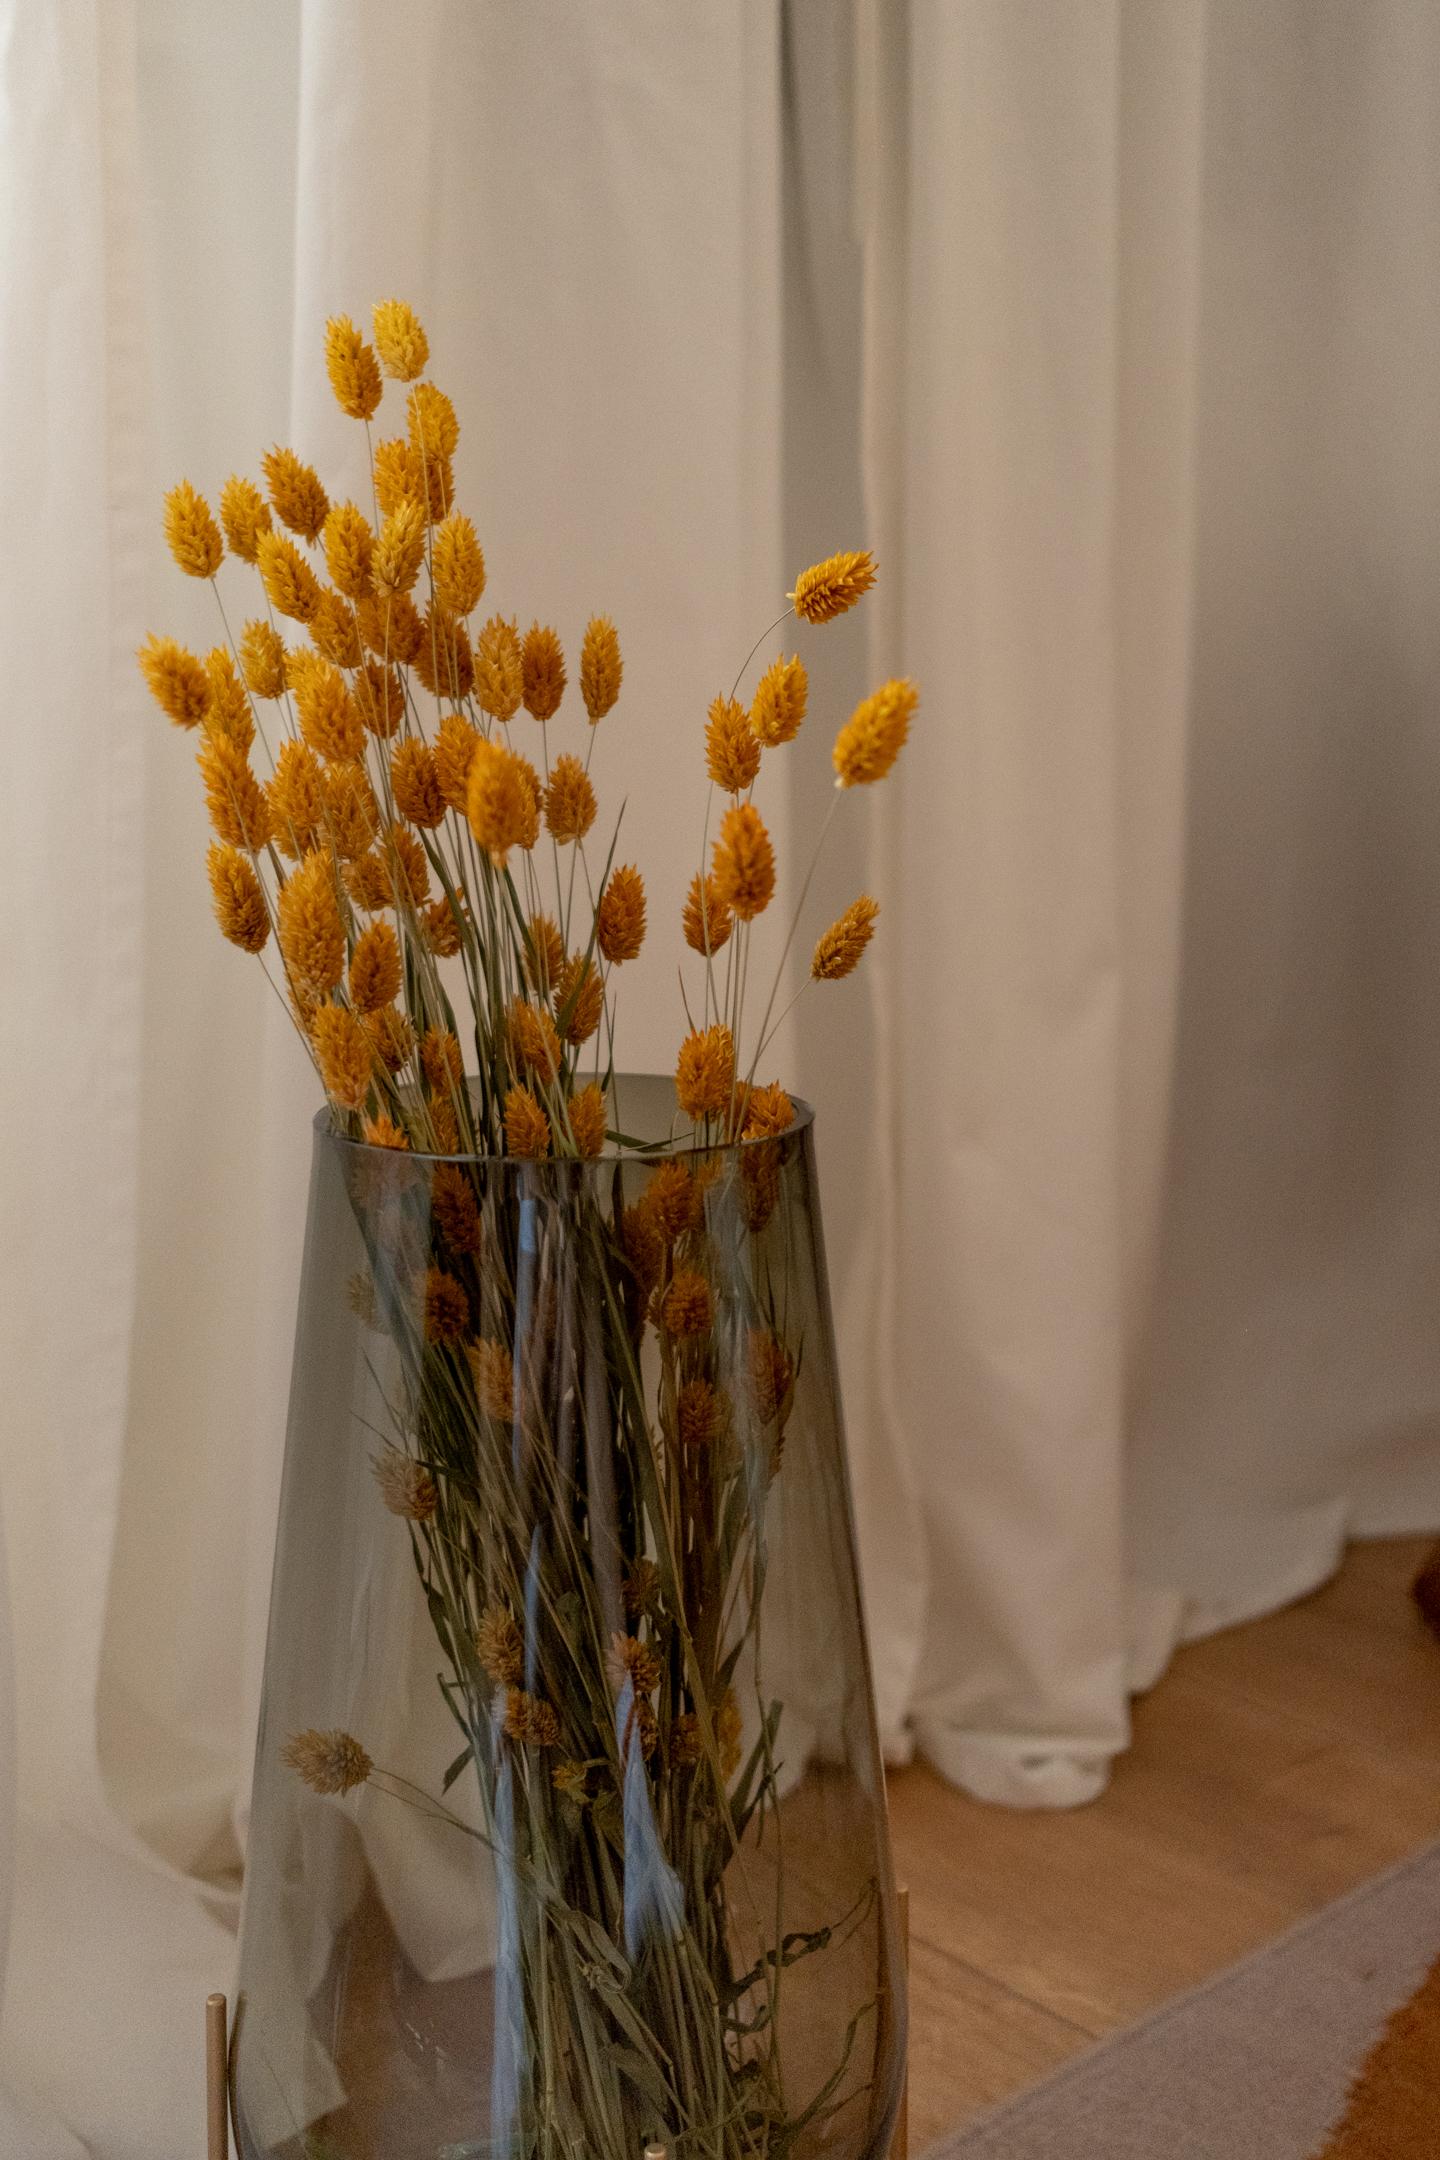 Full Size of Tojo Bett The Lins Interior Blog Deutschland Mnnerblog Stuttgart Mnchen 120x200 Mit Matratze Und Lattenrost Günstige Betten 140x200 Weiß 160x200 Weiss Bett Tojo Bett